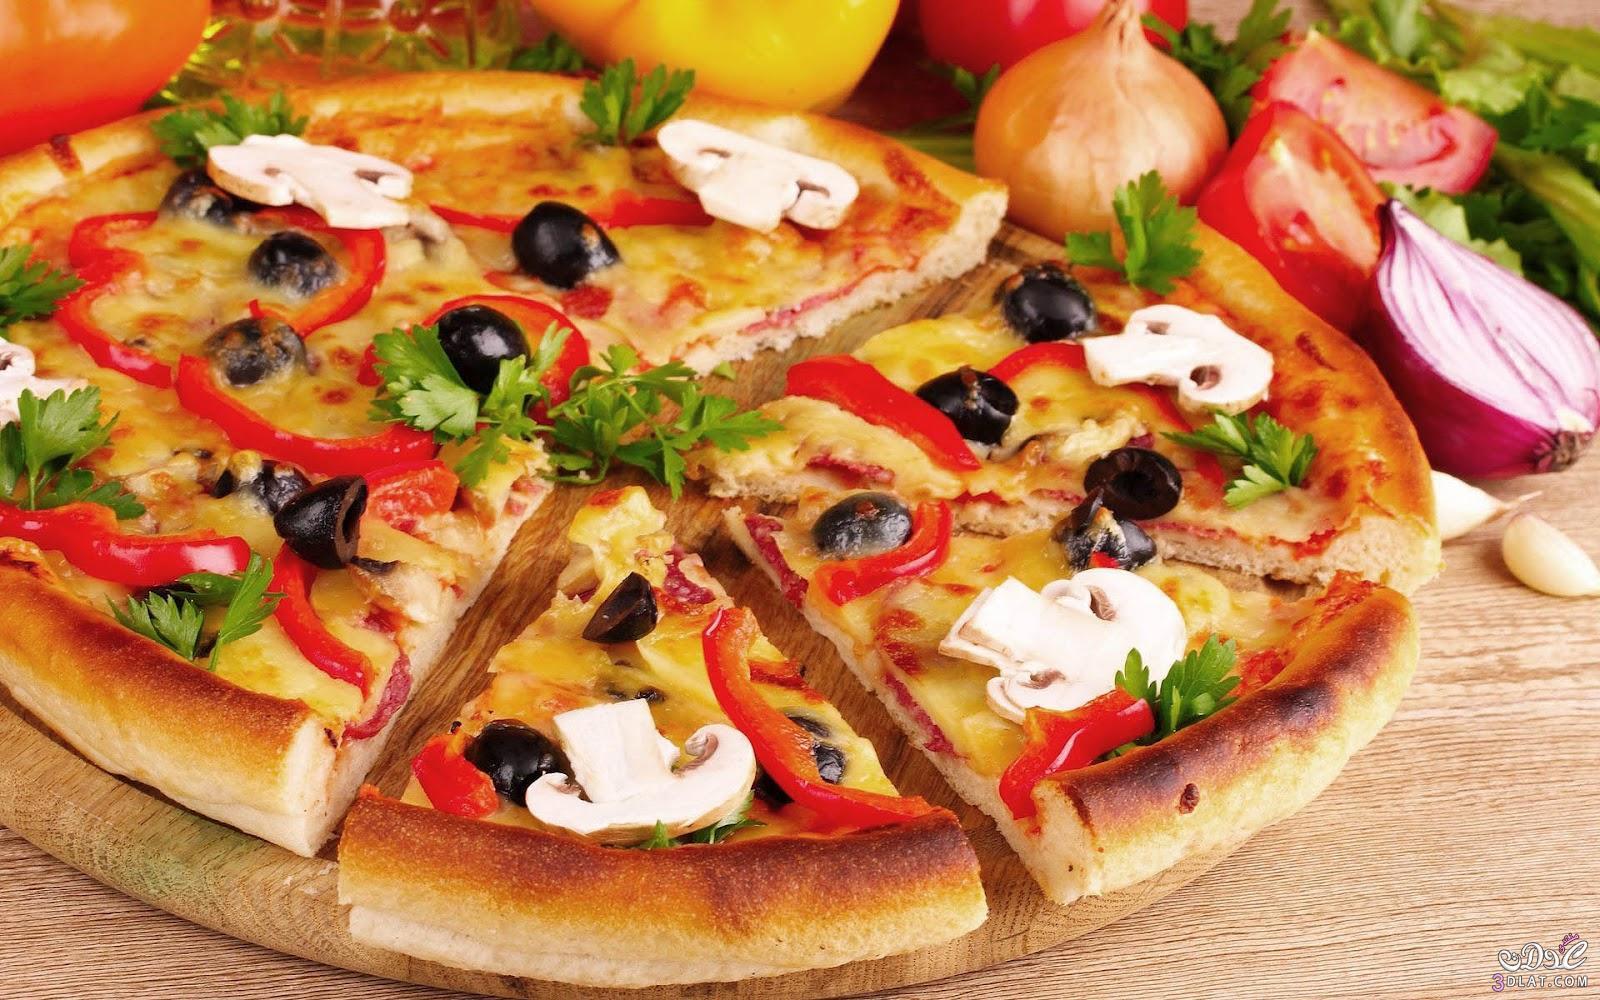 بالصور صور بيتزا , اشكال مختلفة في البيتزا 5351 4